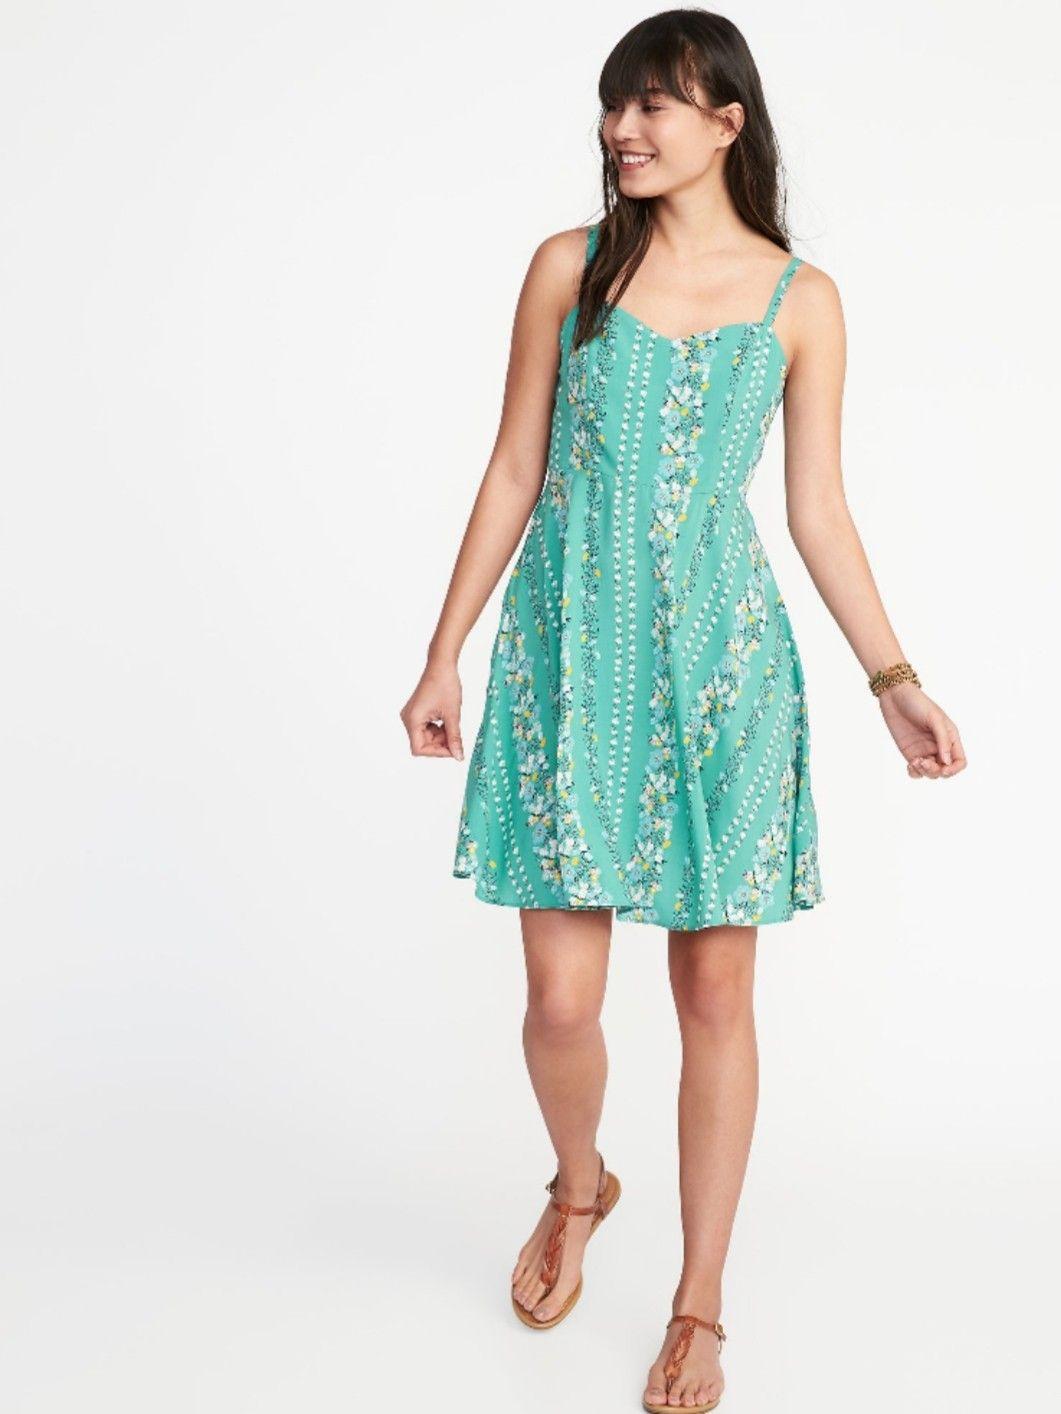 0088179ab9adf Summer Dresses Old Navy - PostParc